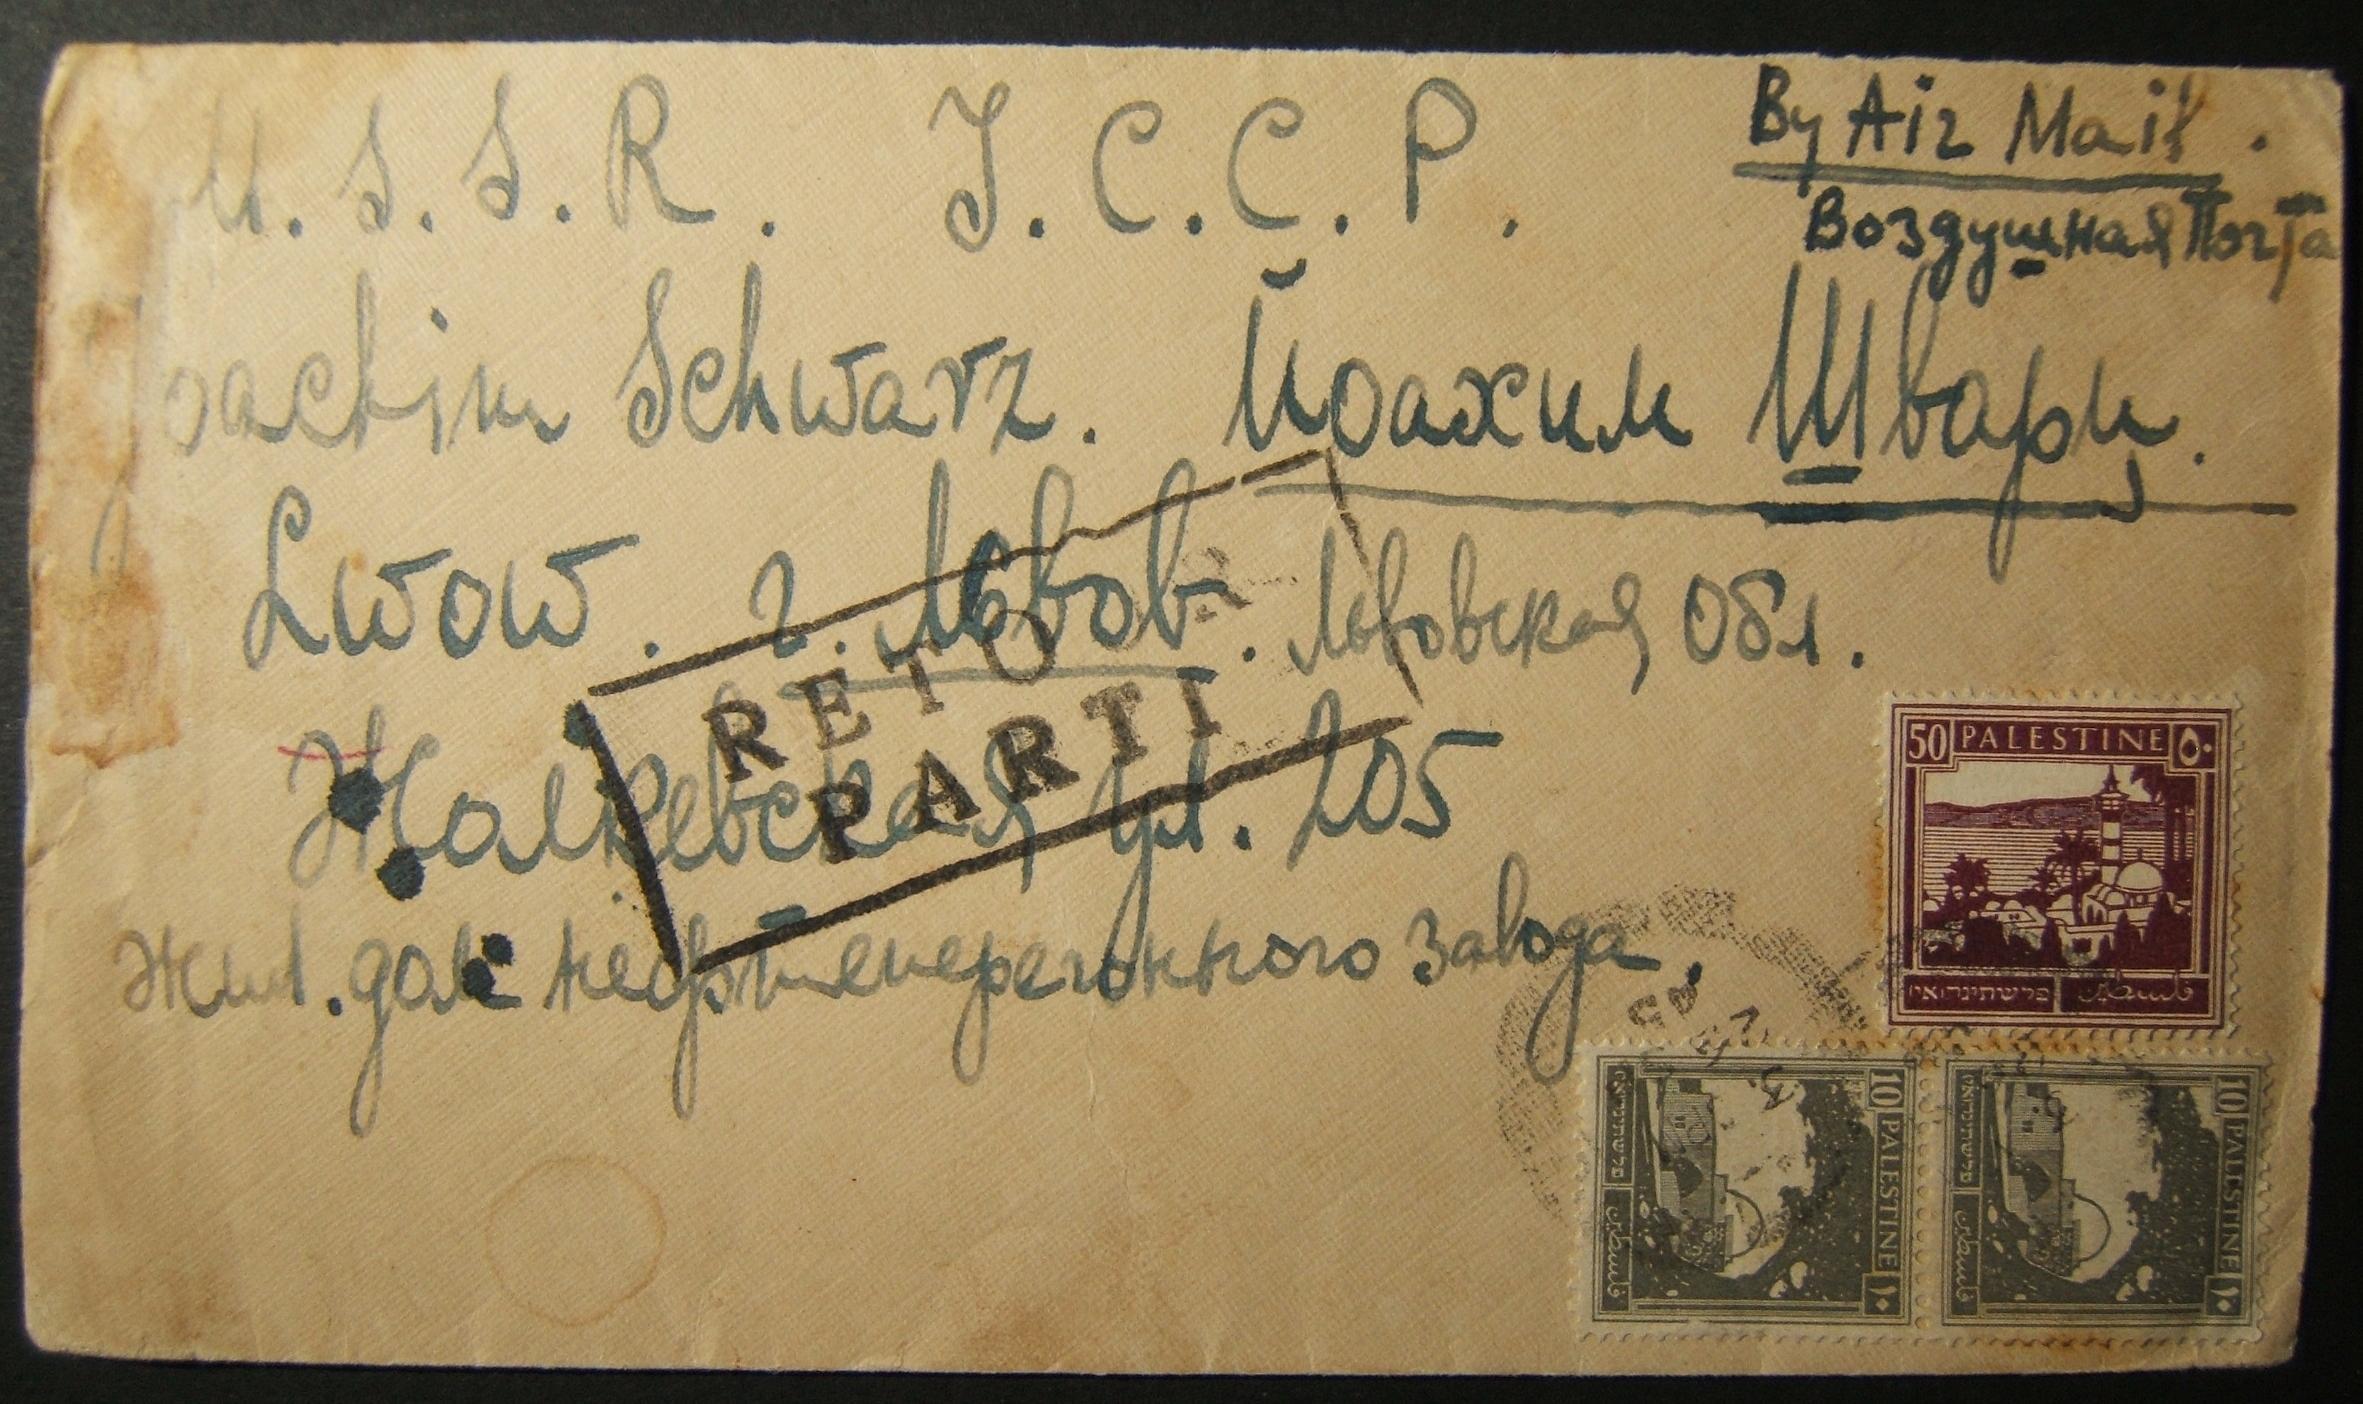 9/1945 דואר אוויר של מלחמת העולם השנייה מאזור תל-אביב ל- LVOV, חזר לנמען עזב / גורש